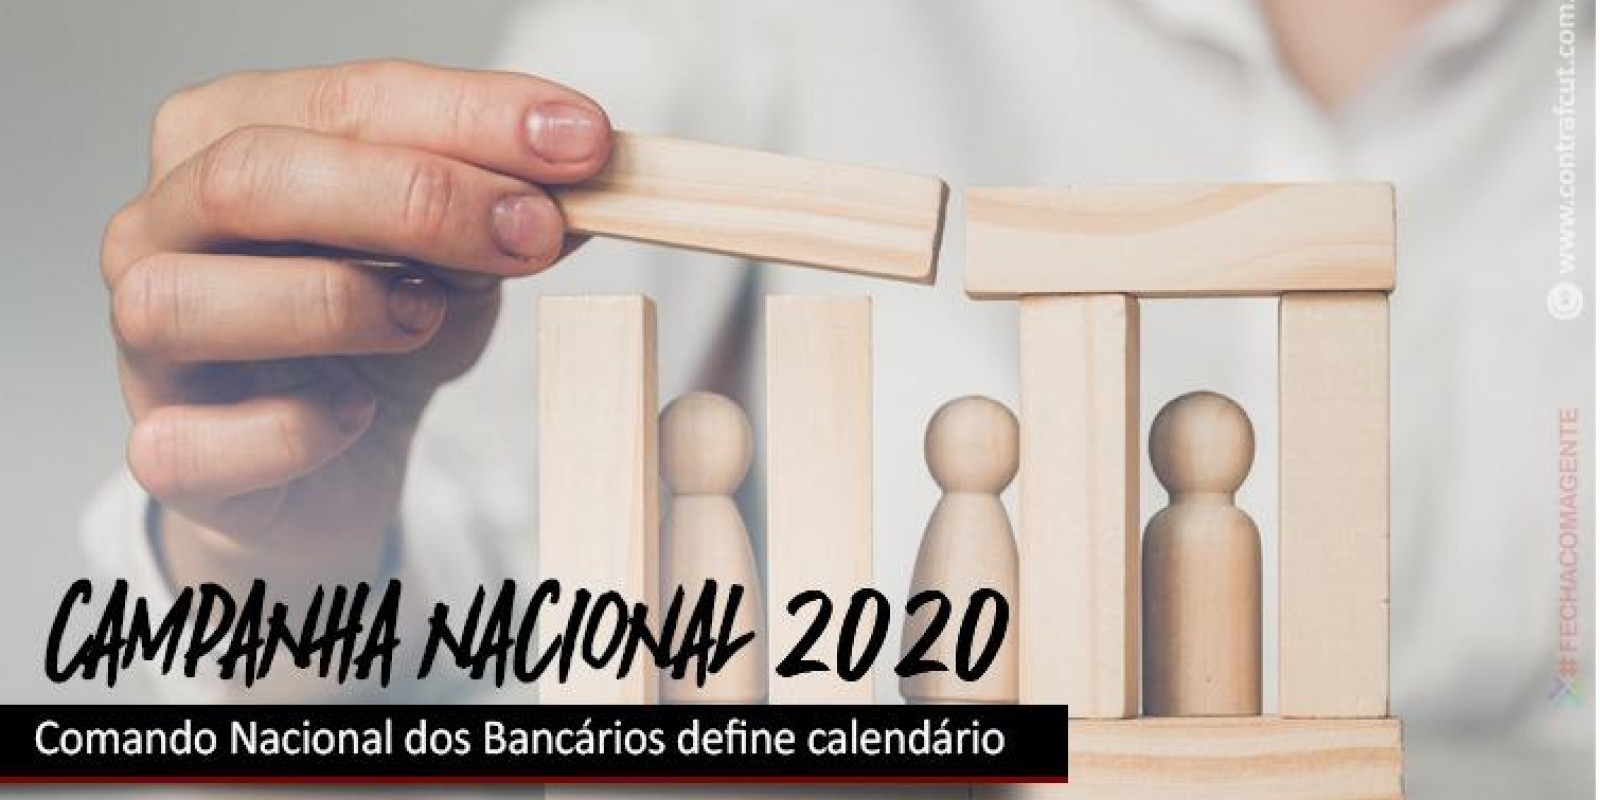 Comando Nacional dos Bancários define calendário da Campanha Nacional 2020, caso não seja aprovada a ultratividade